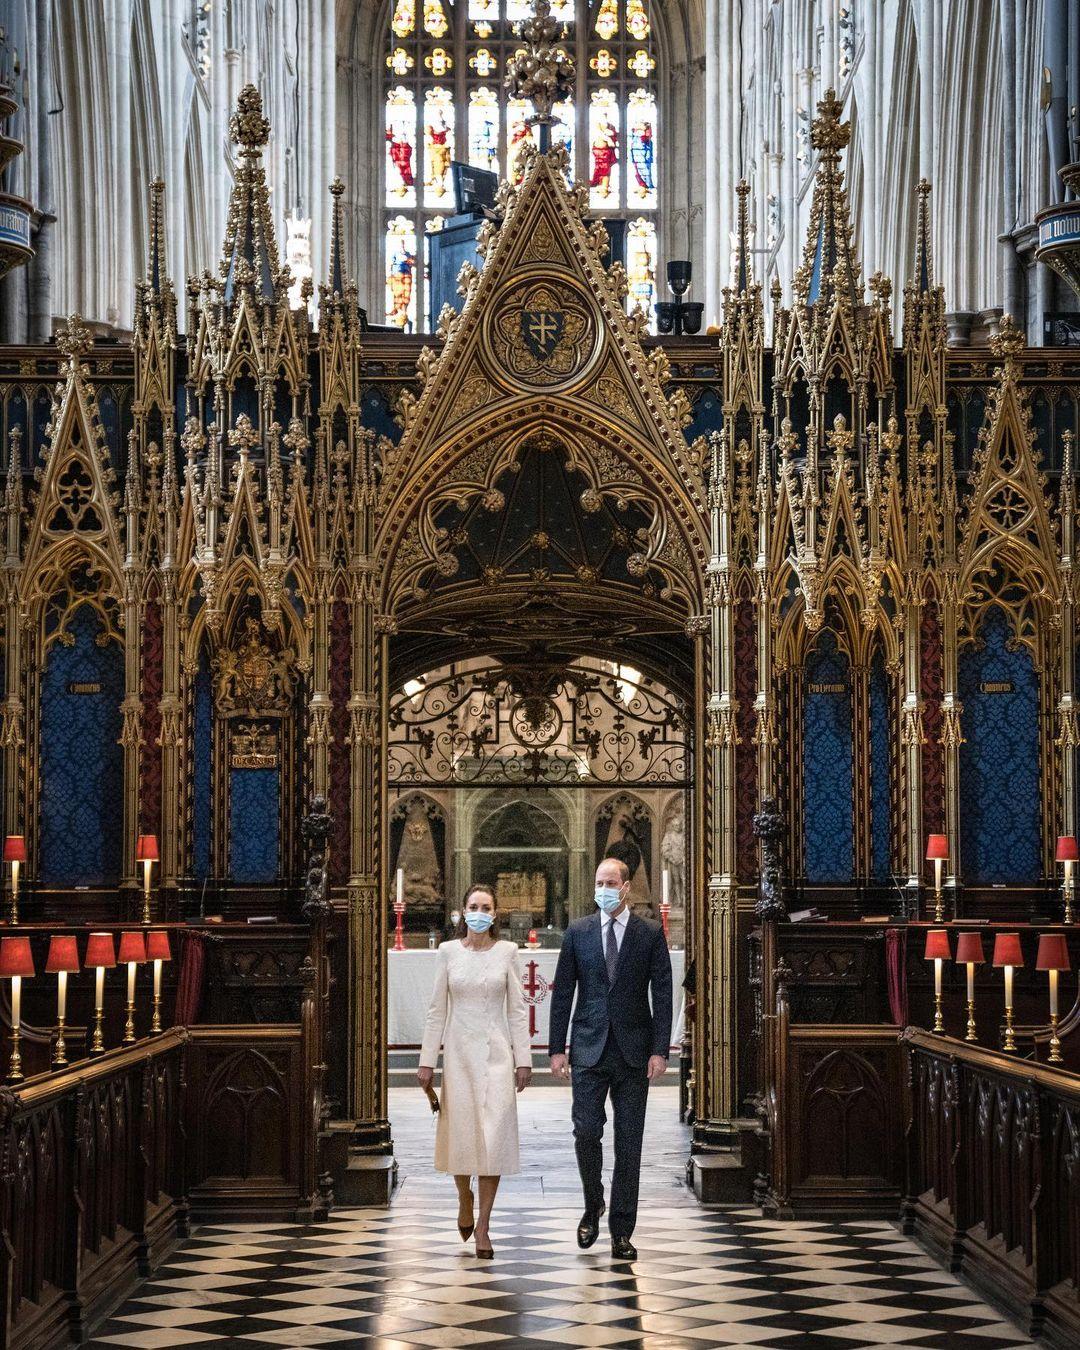 بمعطف وفستان أبيض استحضرت كيت إطلالة زفافها البيضاء الساحرة في وستمنستر آبي قبل عشر سنوات-الصورة من أنستغرام